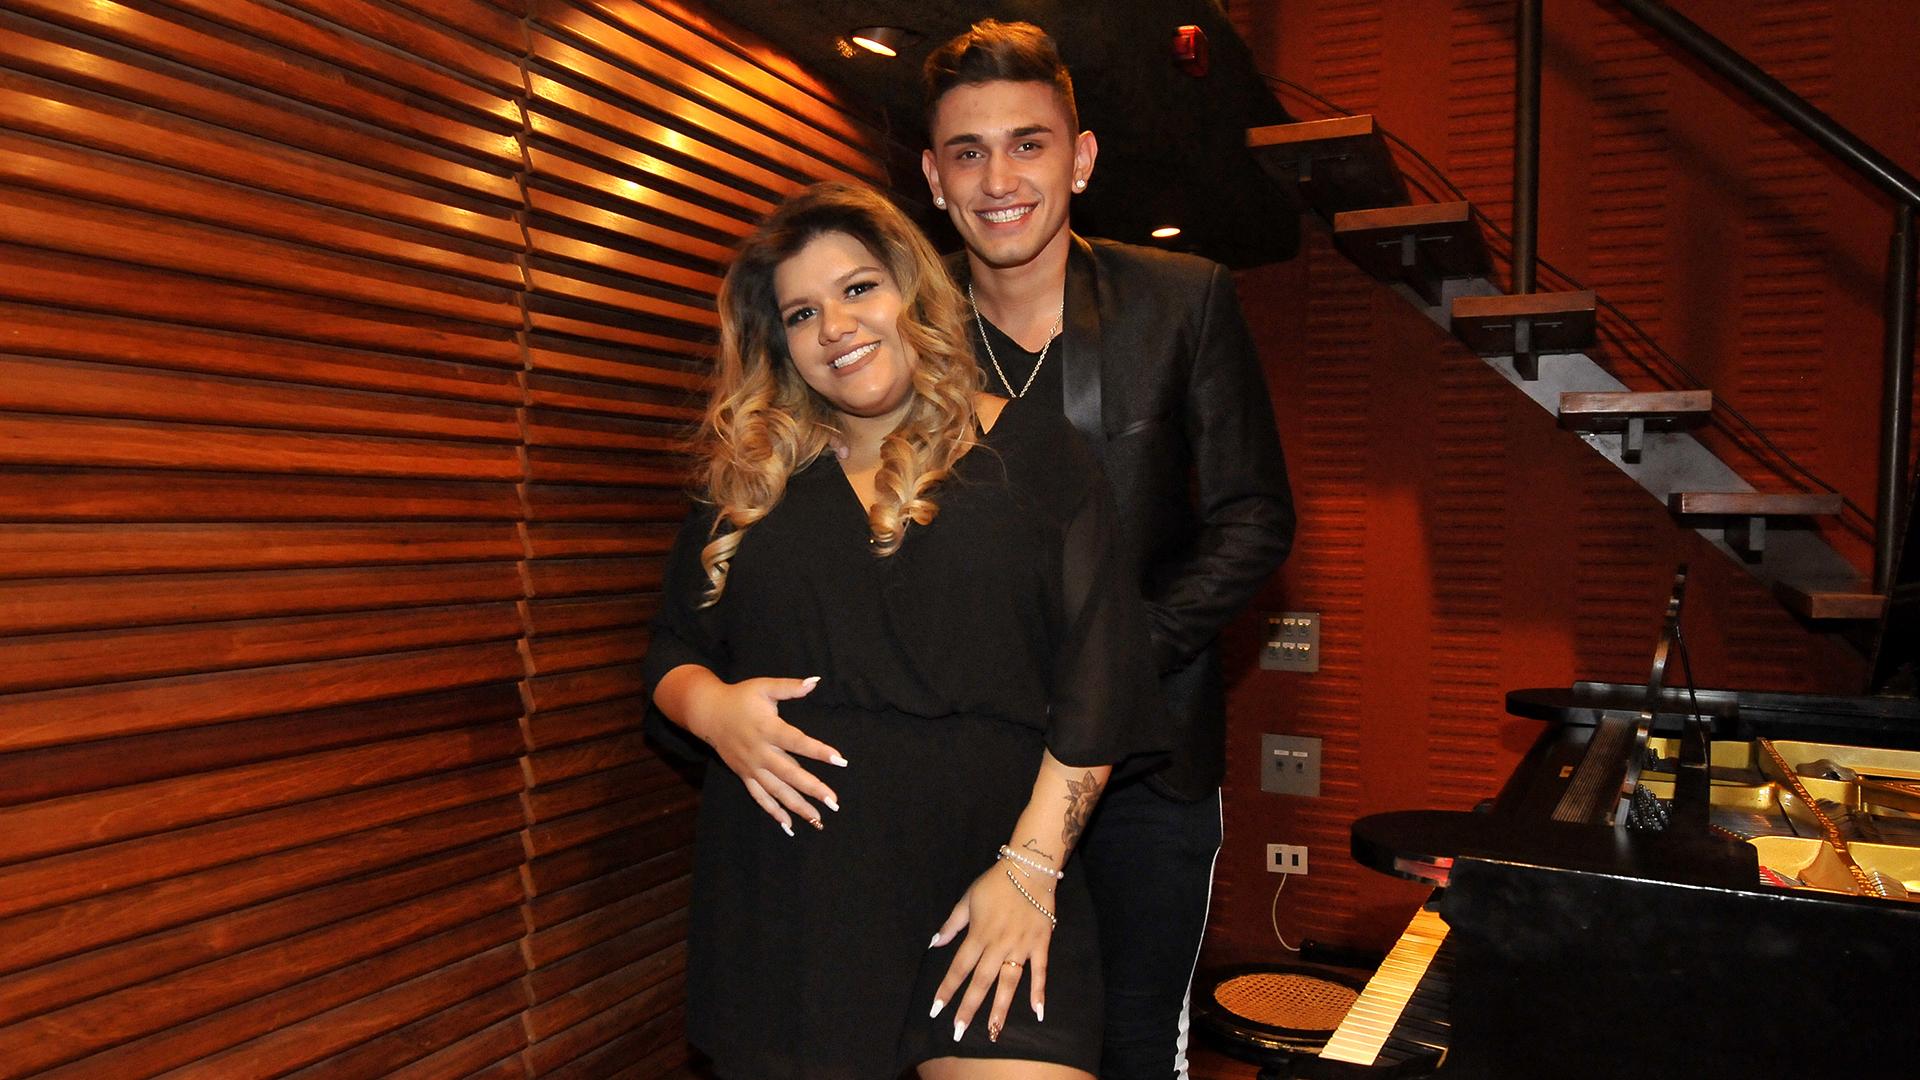 """En su semana 33 de embarazo, Morena Rial firmó contrato para el lanzamiento de su canción """"Hello Baby"""" (Teleshow)"""